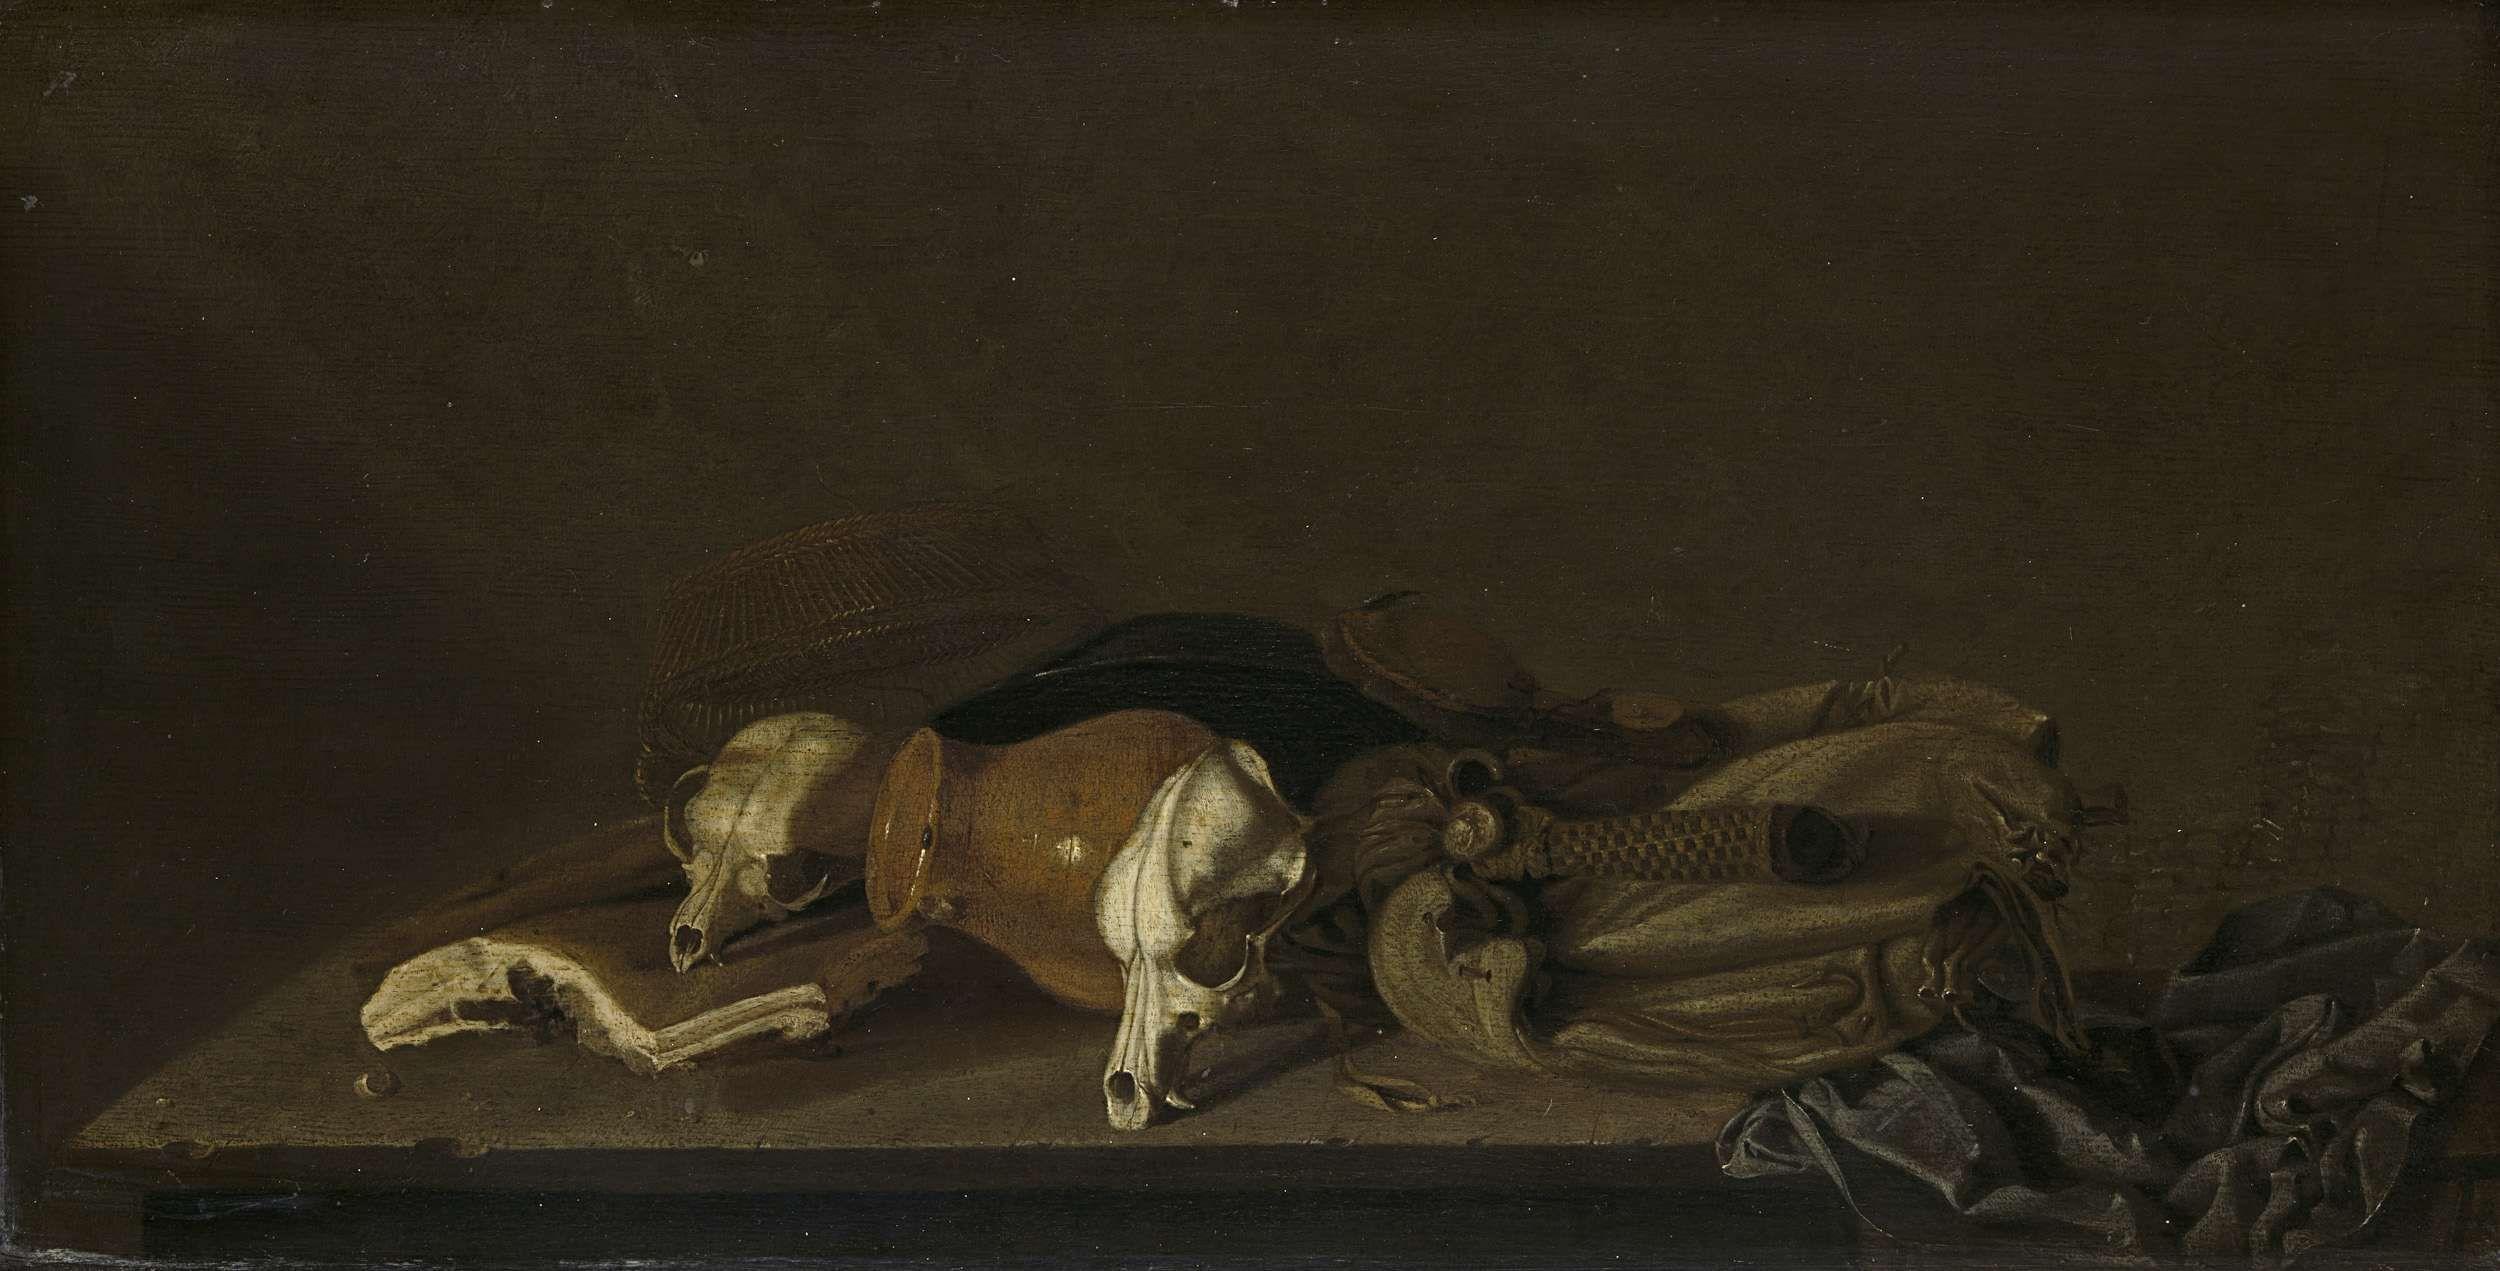 Anonymous   Still Life with Suckling-Pig Skulls, Anonymous, 1620 - 1640   Stilleven met enkele schedeltjes van speenvarkens, een rood aardewerken kan, een jachttas, een zwarte pan, enkele lappen en een mandje.